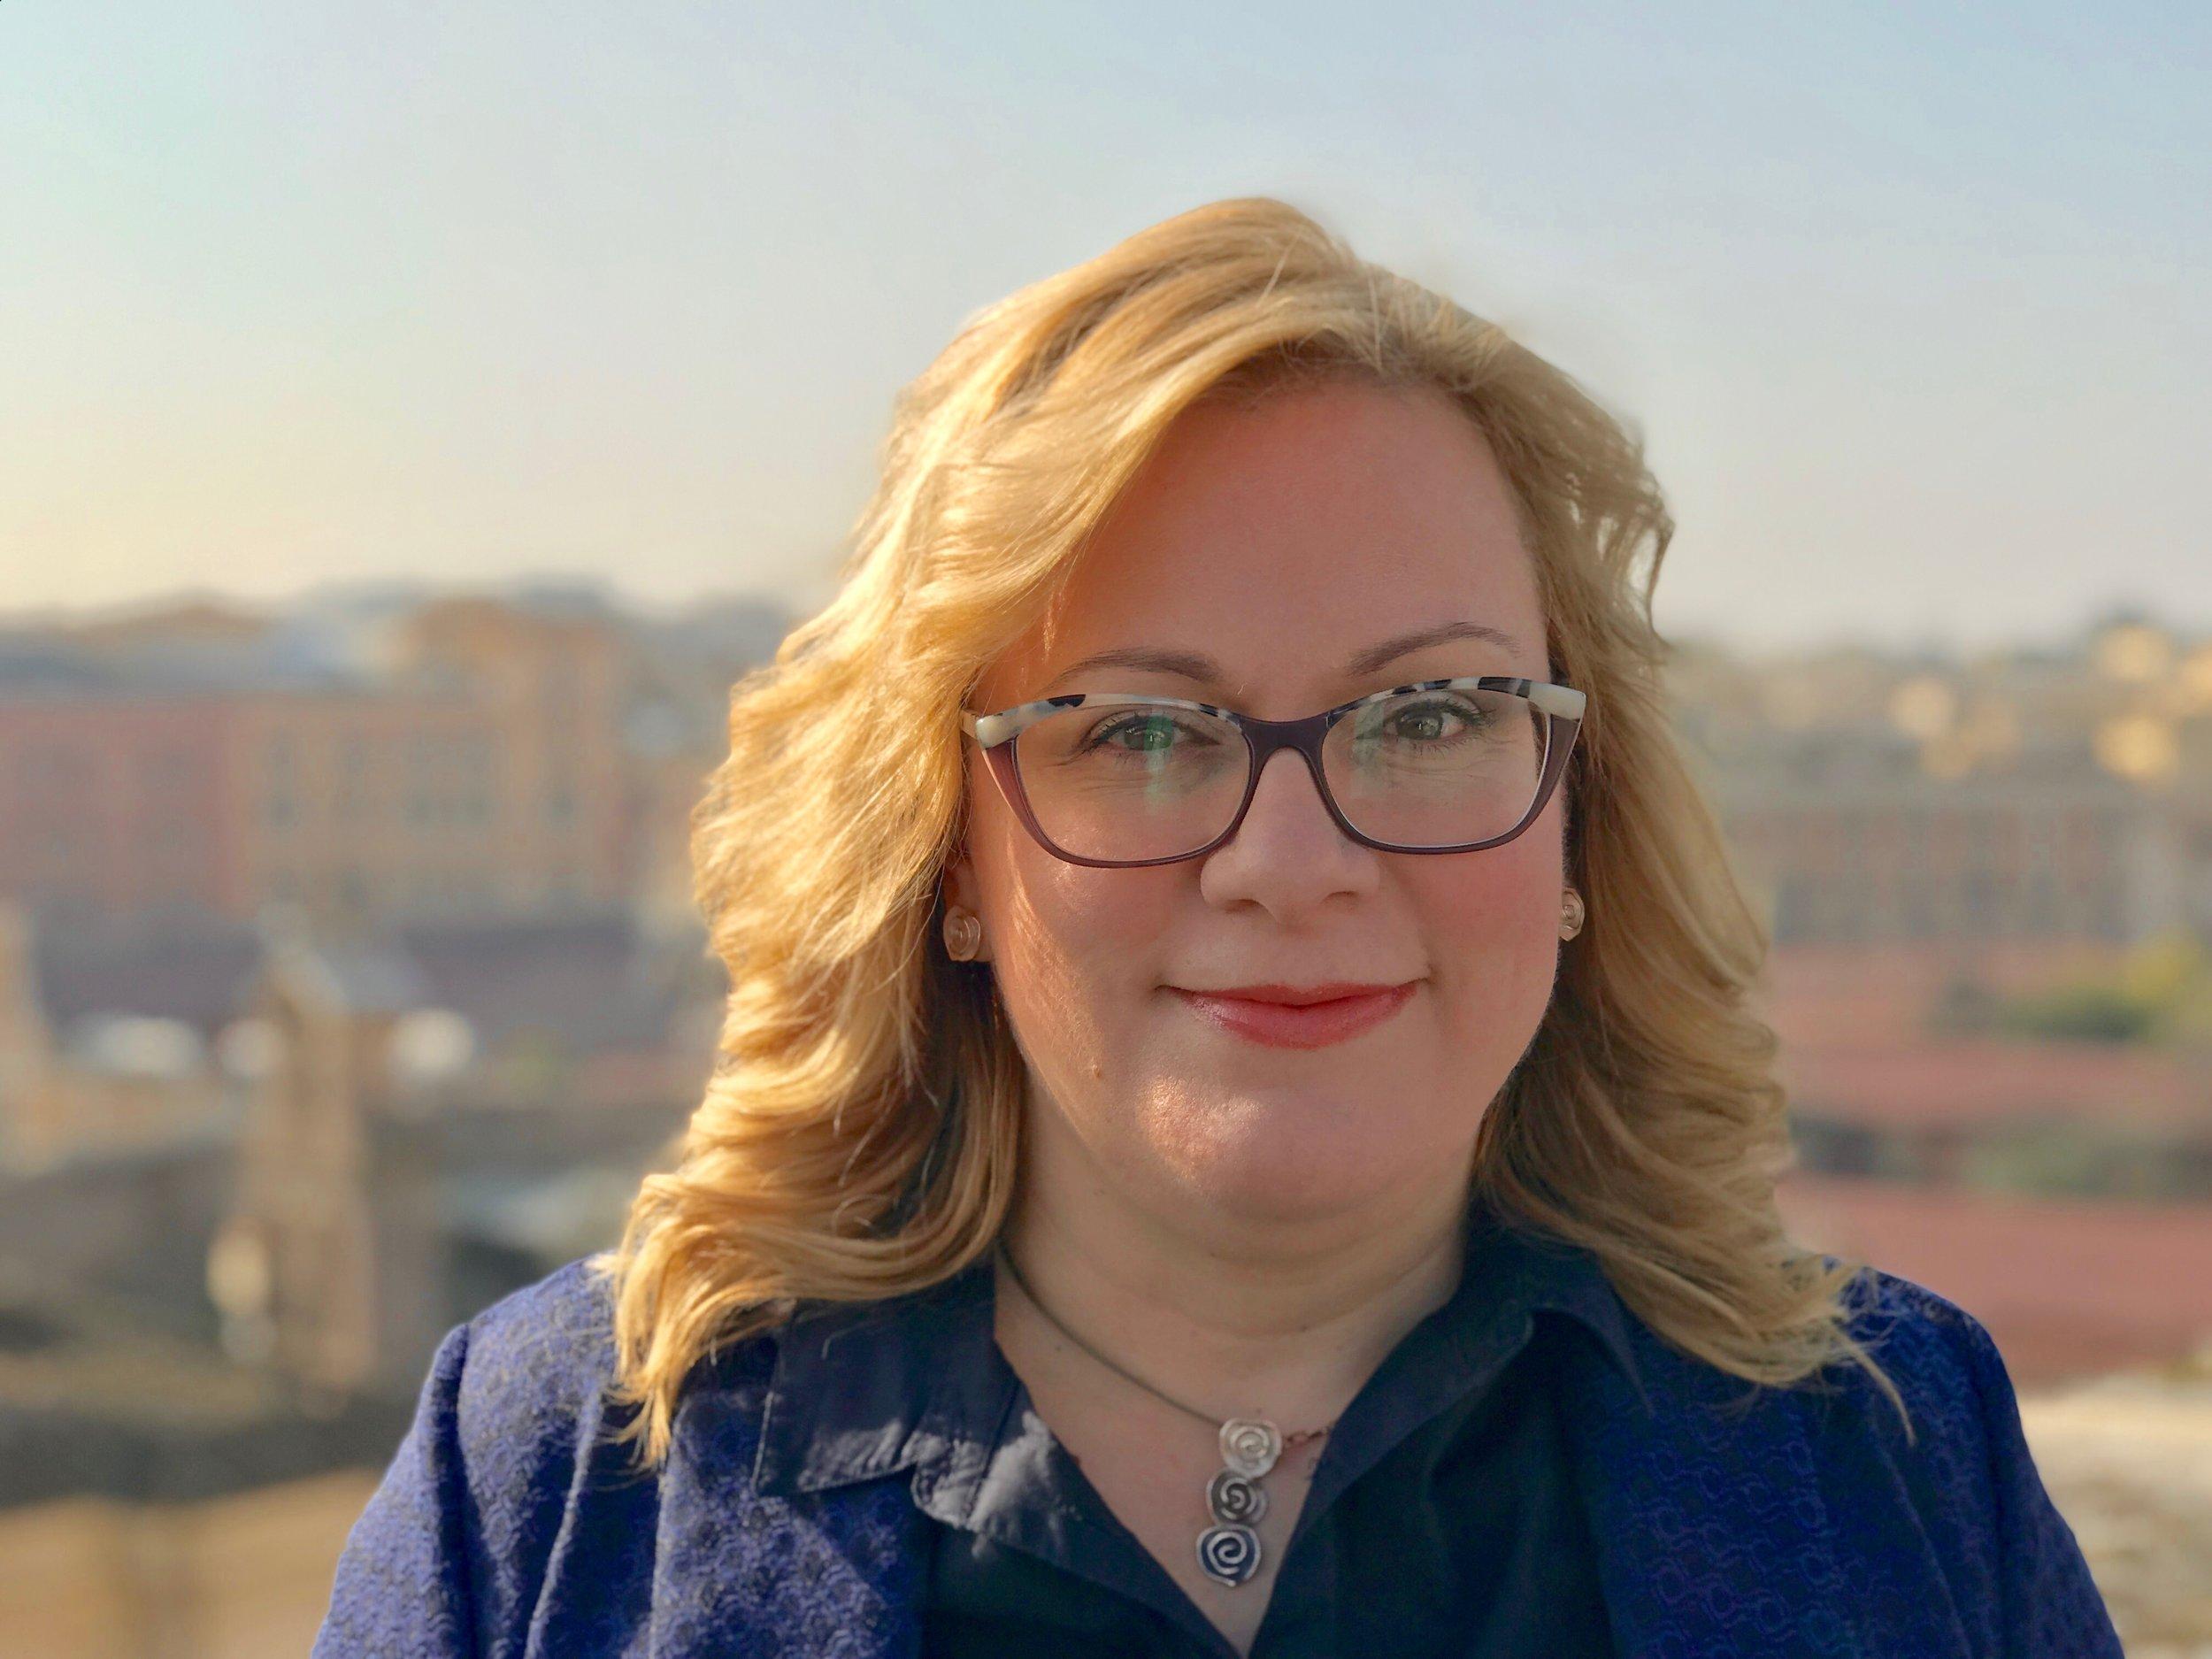 ADA ROSA BALZAN - CEO - Esperta di strategie di sostenibilità per aziende ed enti pubblici, è anche docente in varie università e Business School italiane (tra cui Università Cattolica, Business School del Sole24Ore e Fondazione Cuoa) e Responsabile Nazionale dei progetti di sostenibilità in Federturismo Confindustria.